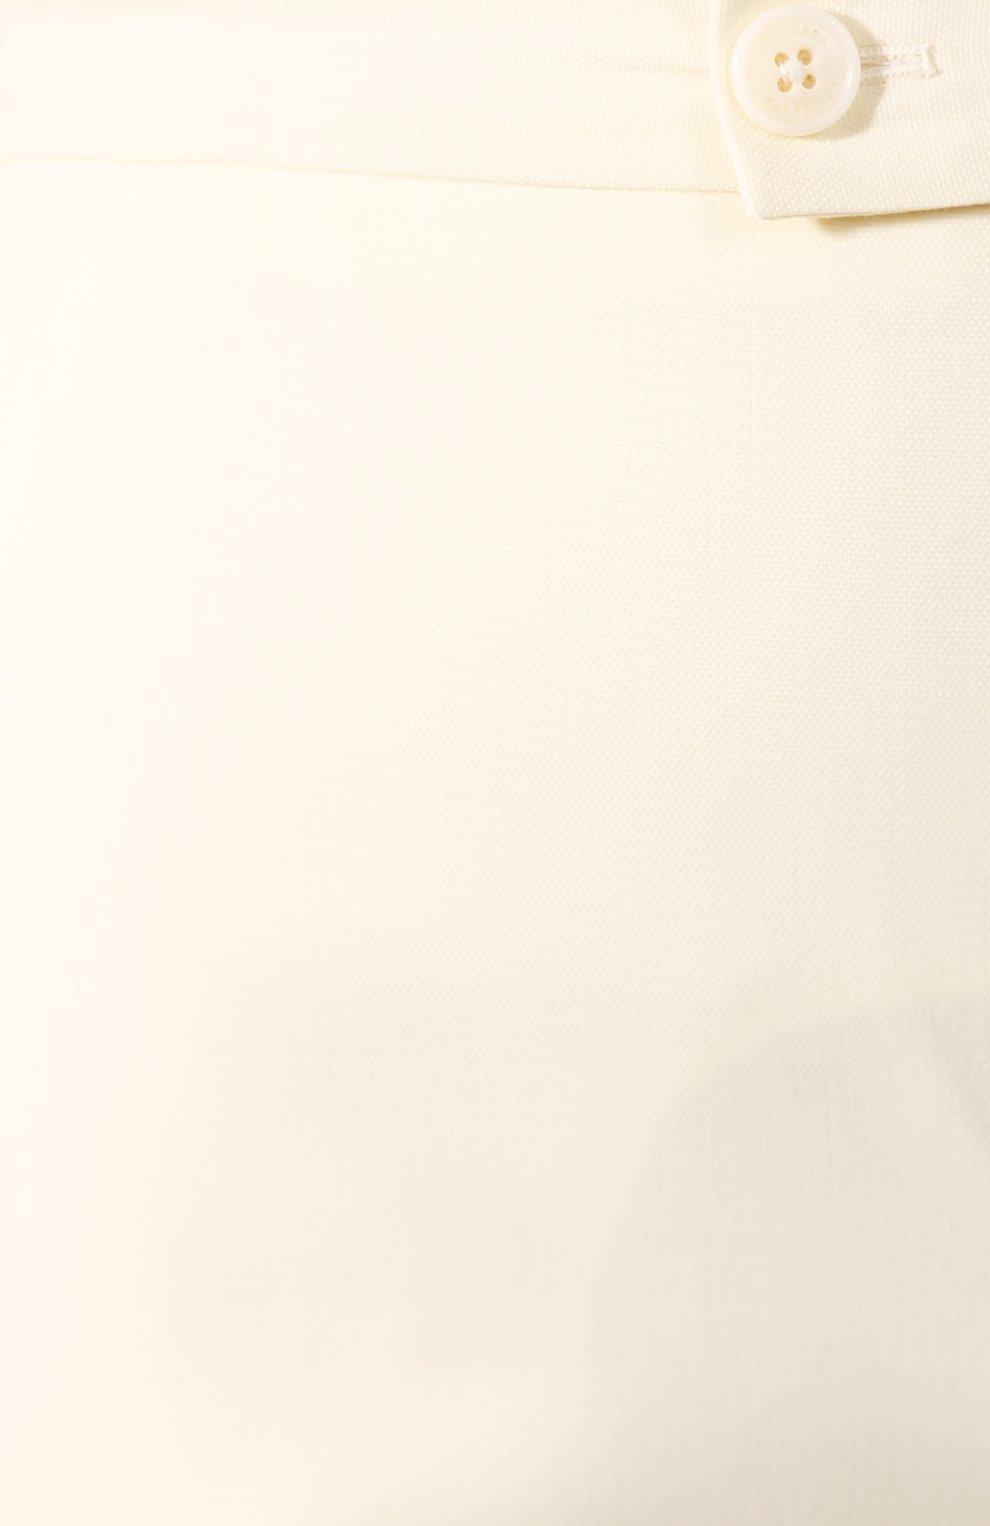 Женские шерстяные брюки ALTUZARRA светло-бежевого цвета, арт. 220-6013-AWS679   Фото 5 (Длина (брюки, джинсы): Удлиненные; Материал внешний: Шерсть; Женское Кросс-КТ: Брюки-одежда; Силуэт Ж (брюки и джинсы): Прямые)